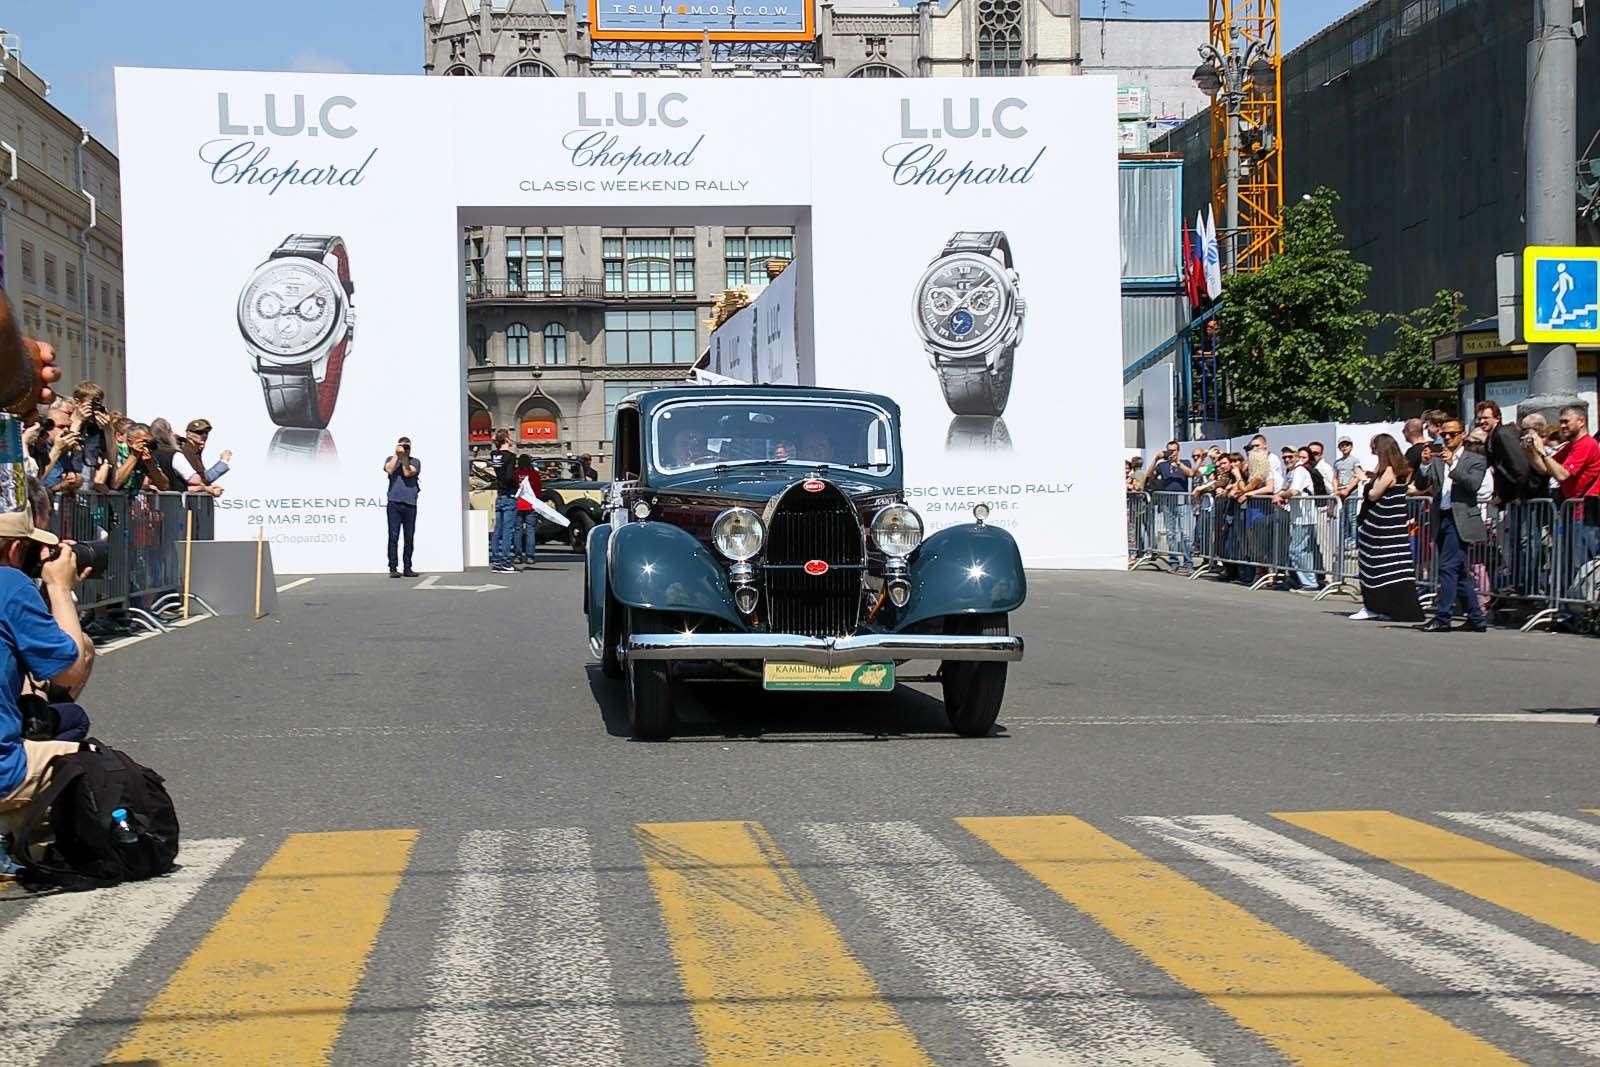 L.U.C Chopard Classic Weekend Rally: эмоции сналетом старины— фото 595943